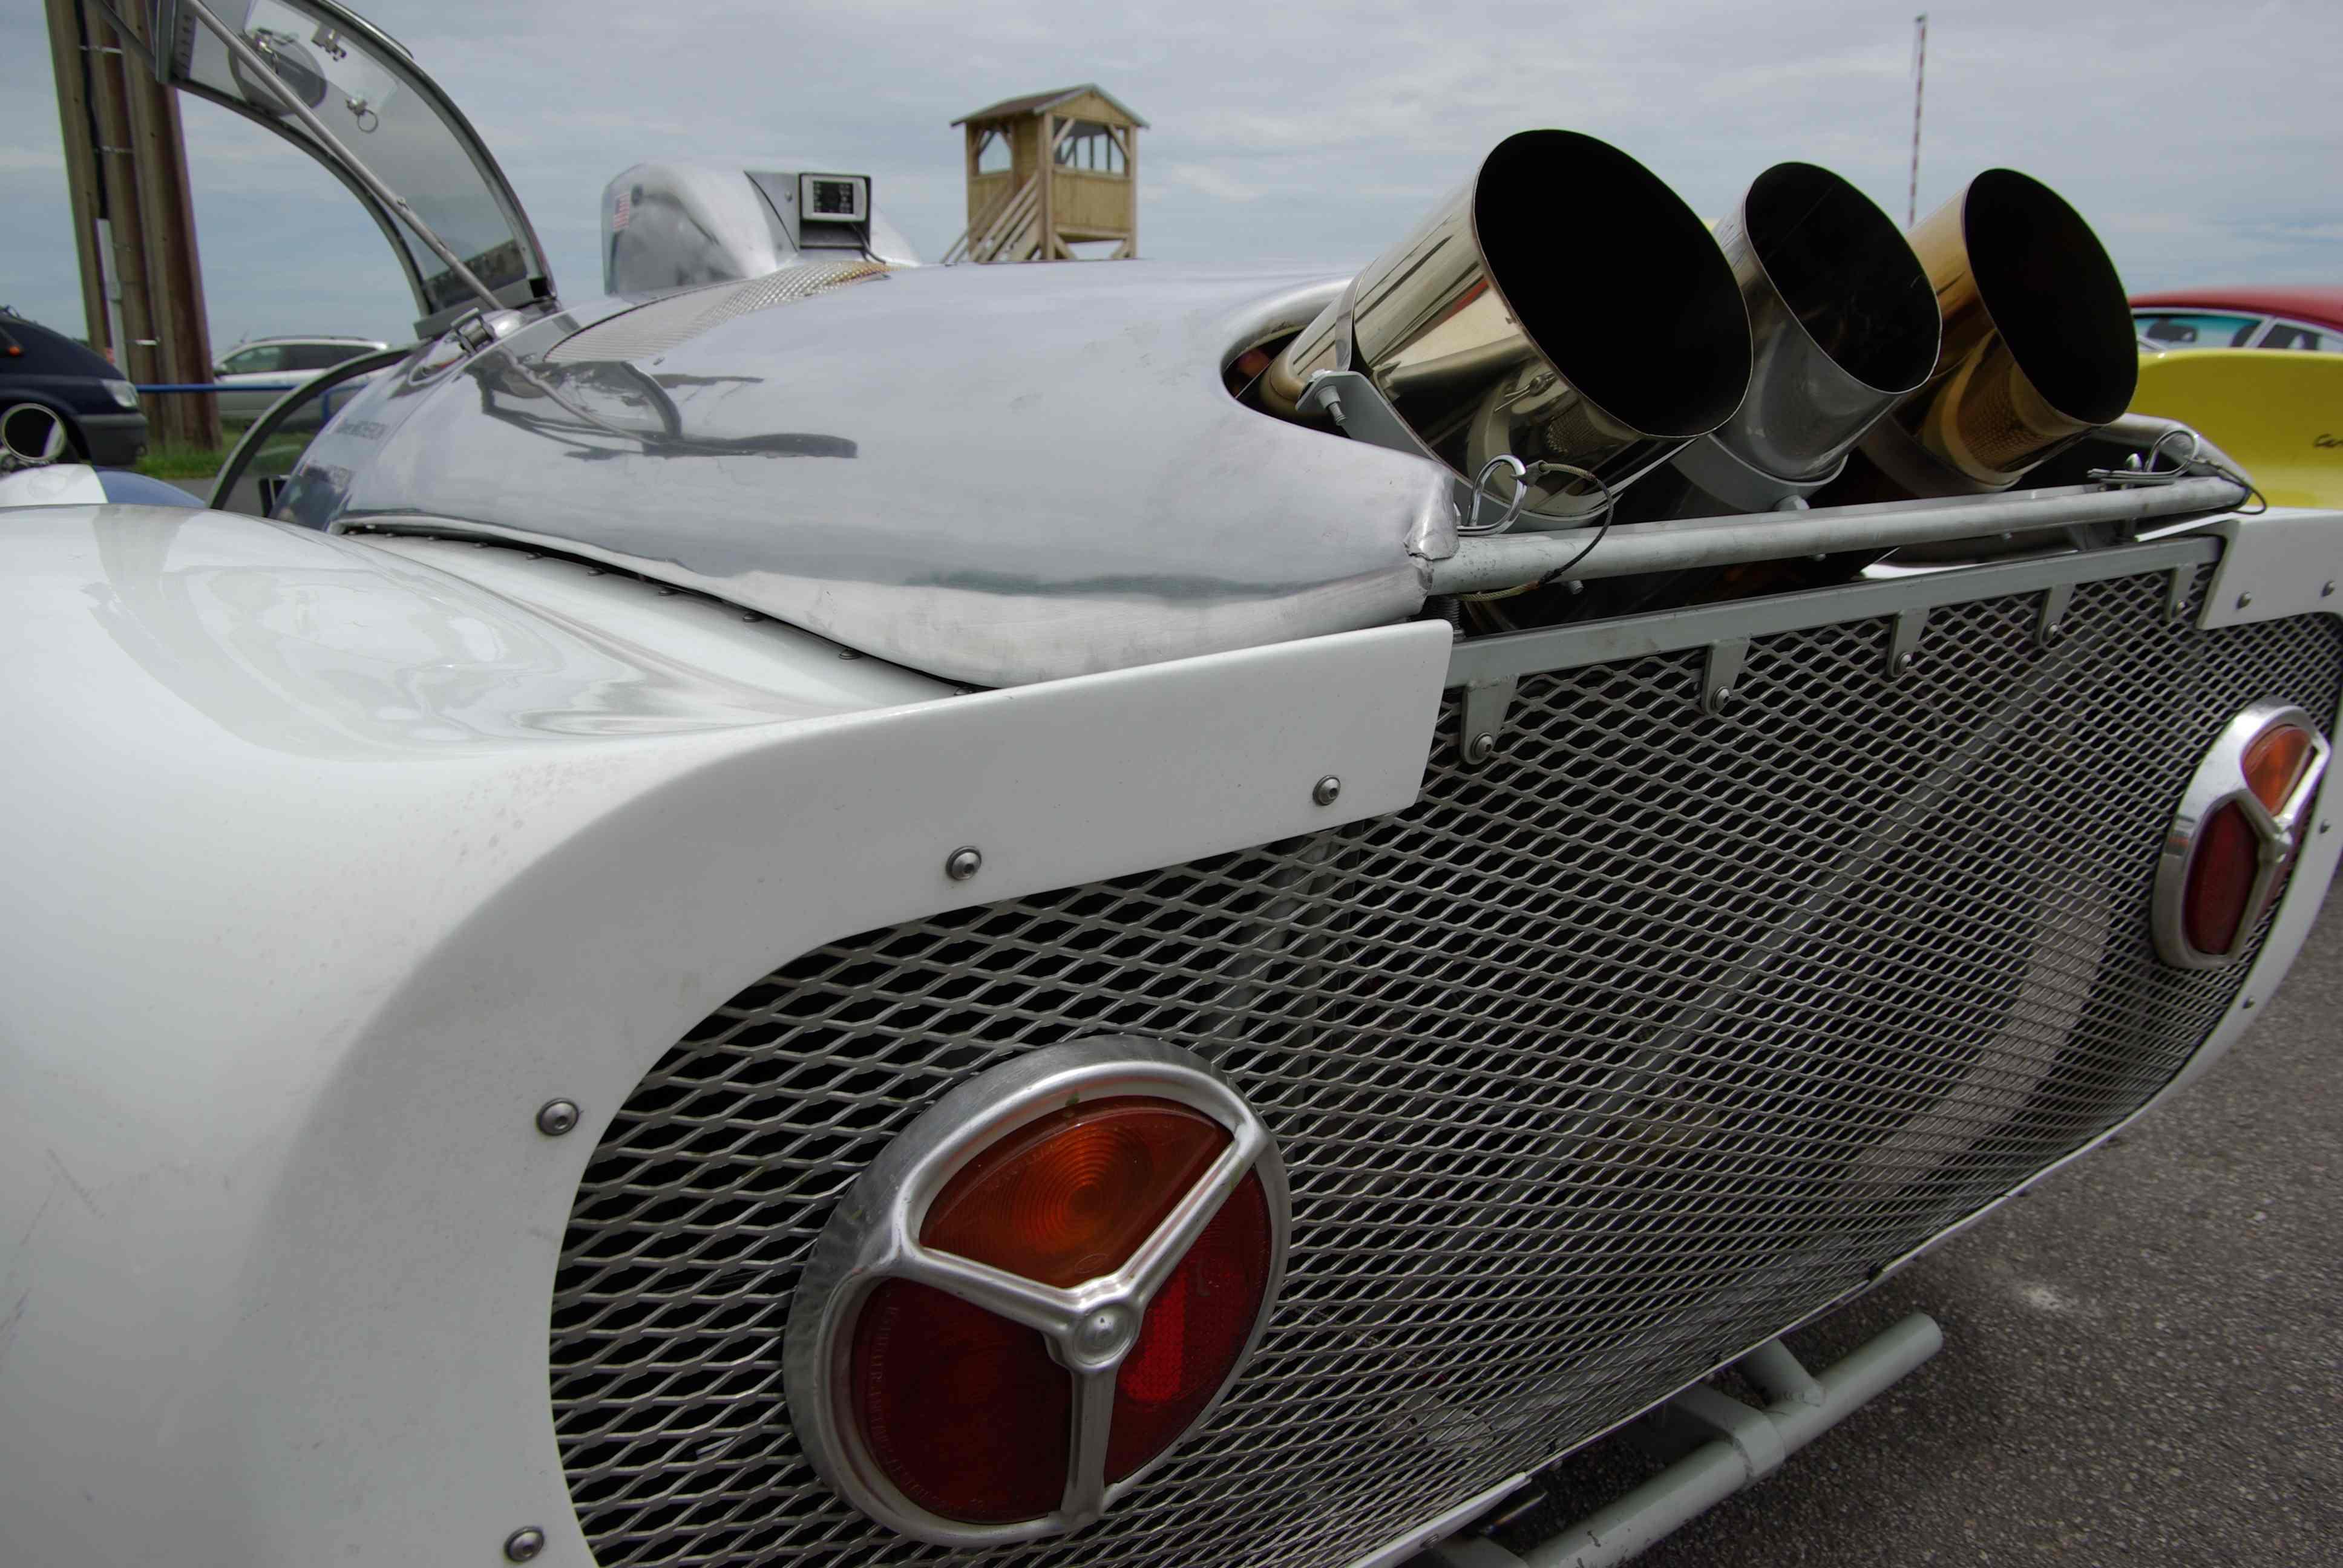 HOWMET TX 1968 exhausts